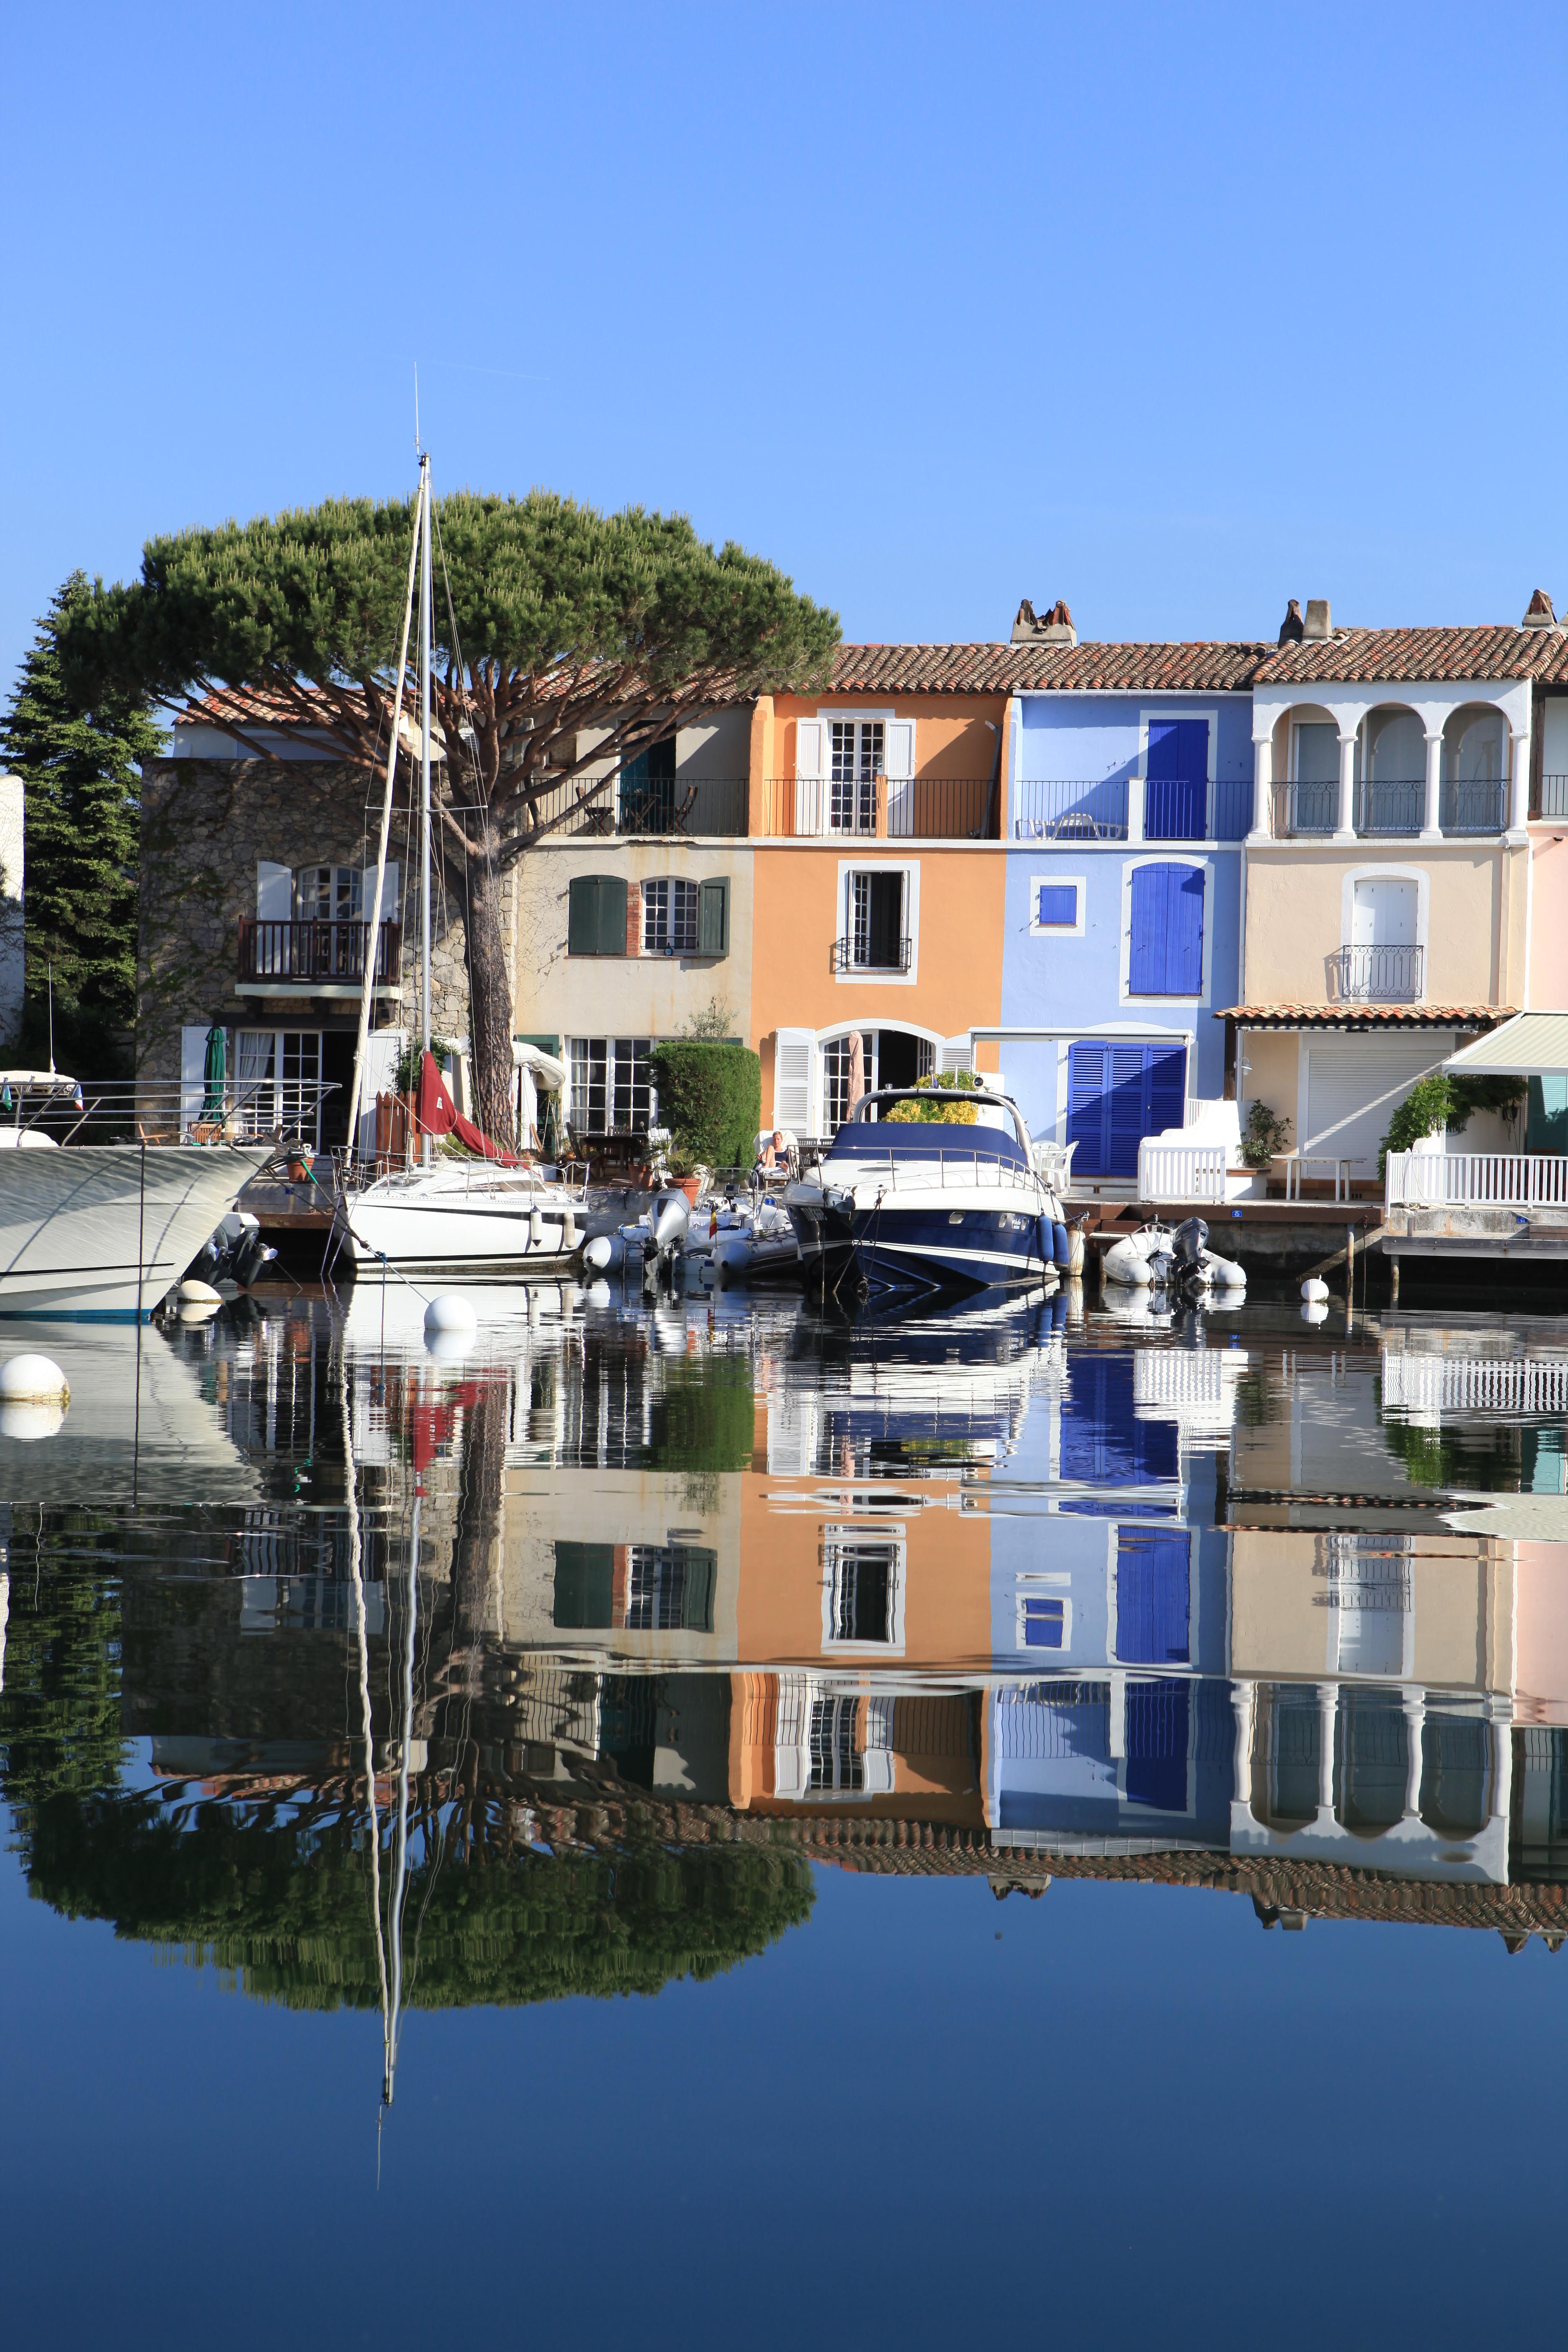 Maison de pecheur ventana blog for Acheter une maison en martinique